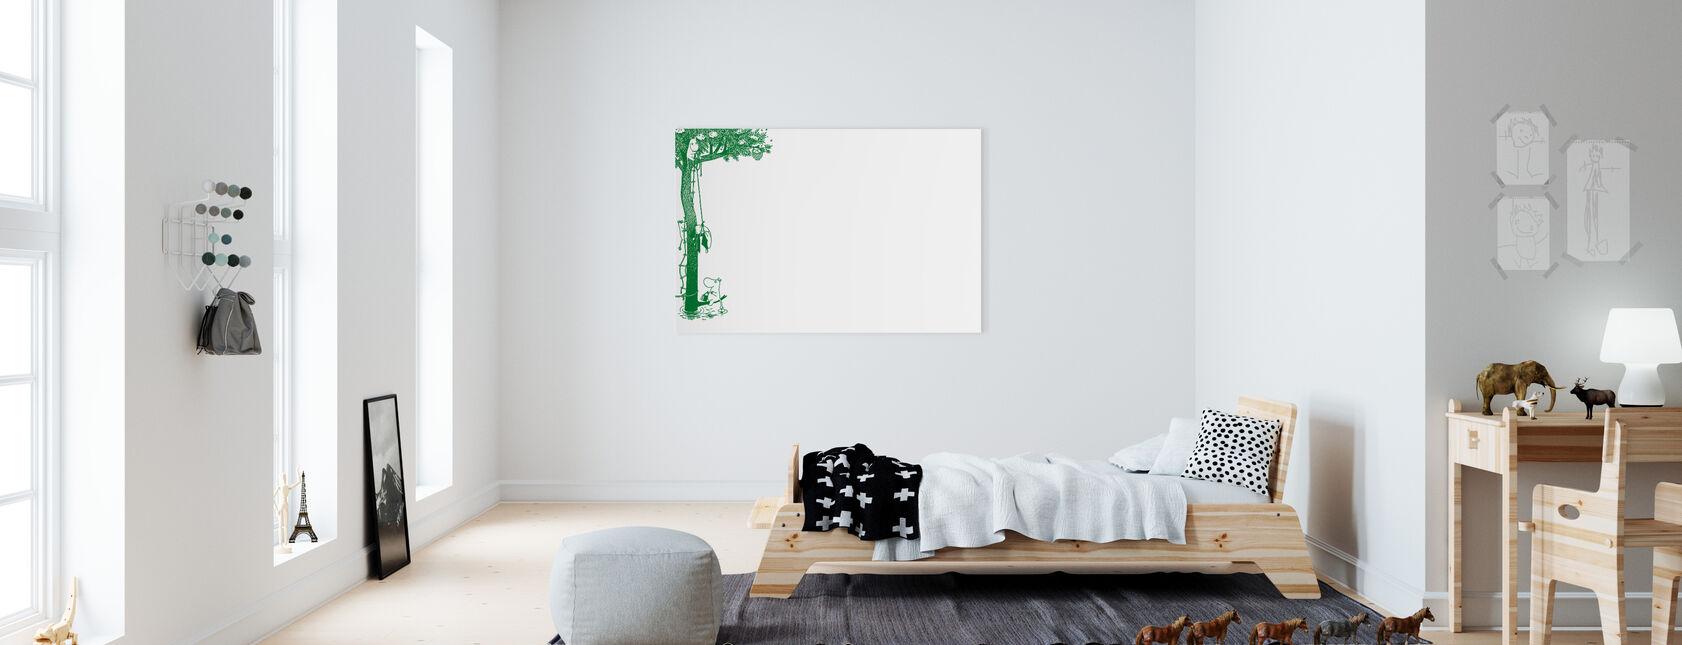 Moomin - Tree - Canvas print - Kids Room